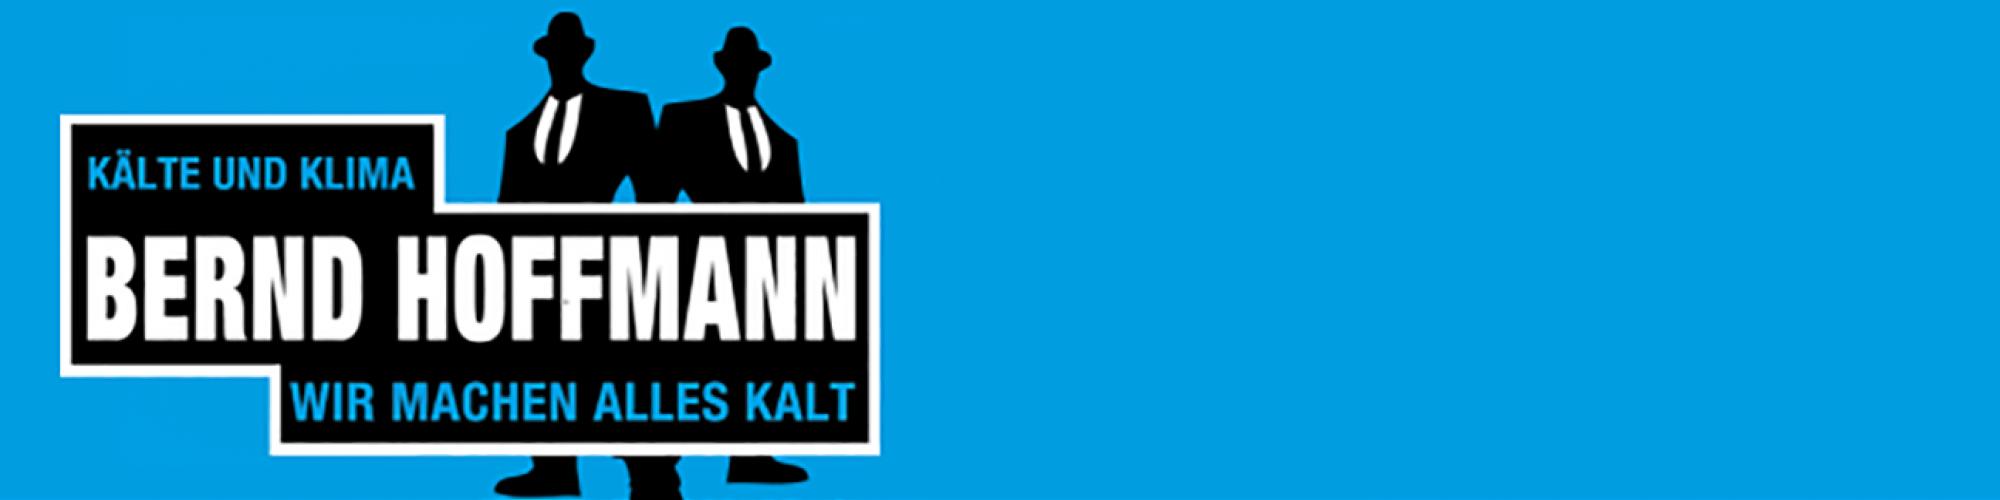 Bernd Hoffmann Kälte und Klima GmbH & Co. KG